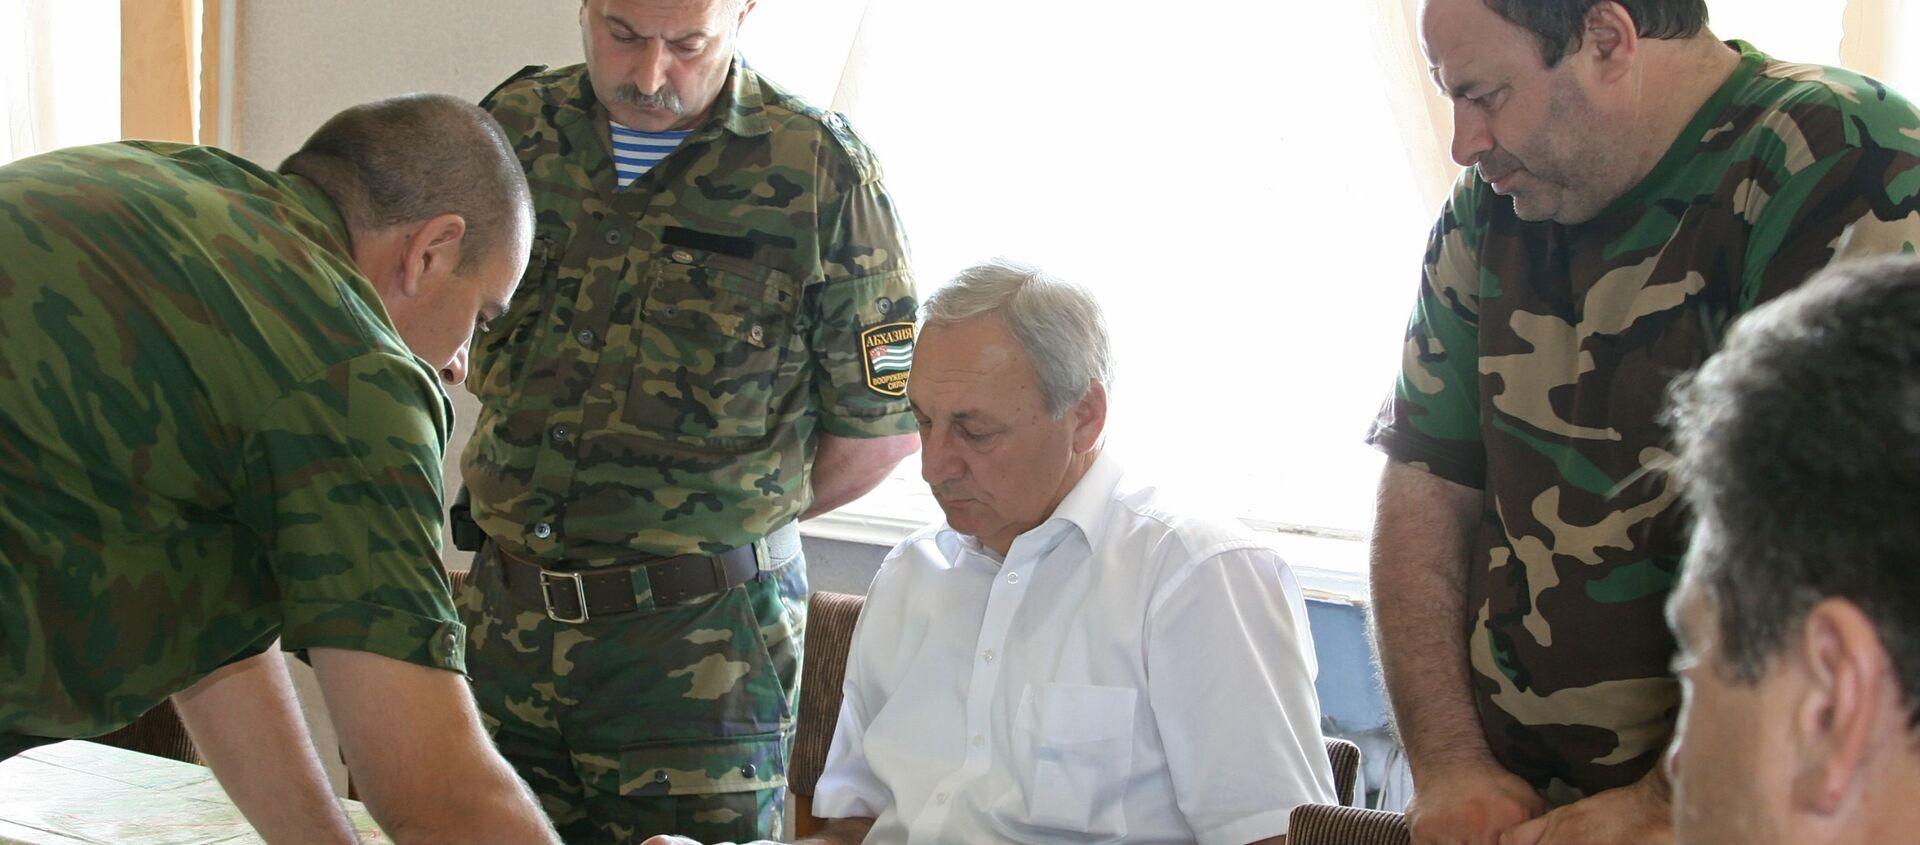 Президент Абхазии Сергей Багапш (в центре) во время совещания. Гальский район, август 2008 - Sputnik Абхазия, 1920, 08.08.2021